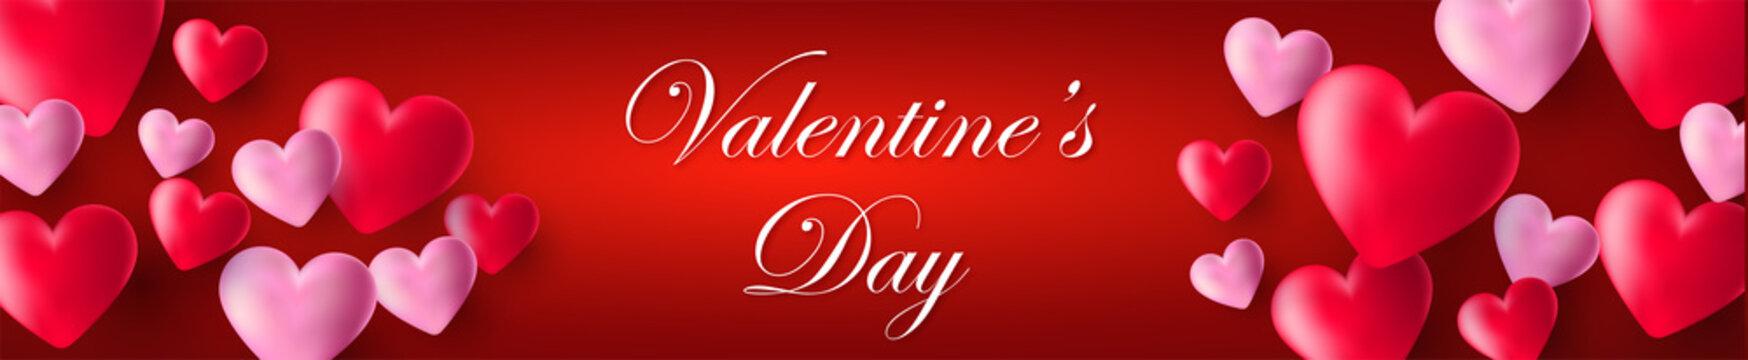 bandeau ou carte  valentine's day avec coeur rouge et rose sur fond rouge en dégradé